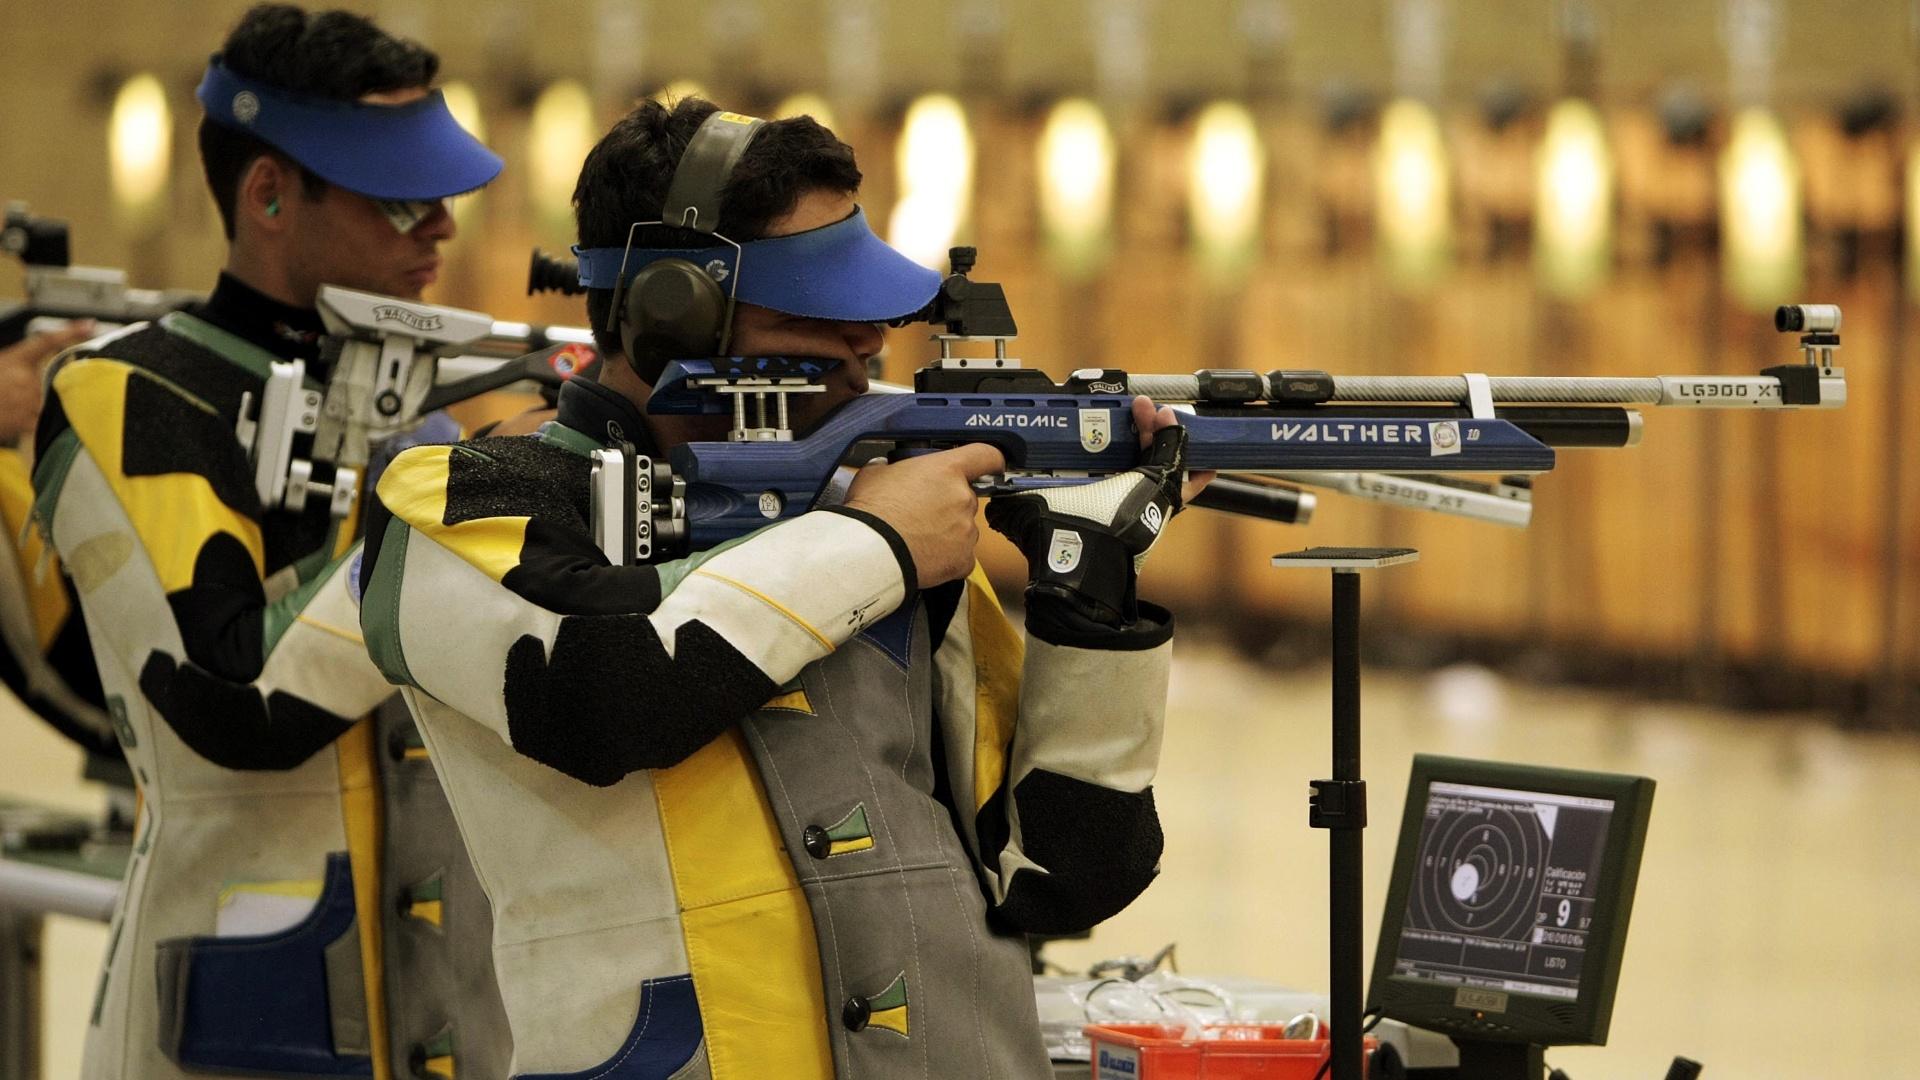 Rocco Rosito, atleta da seleção brasileira de tiro, treina em Guadalajara para o Pan